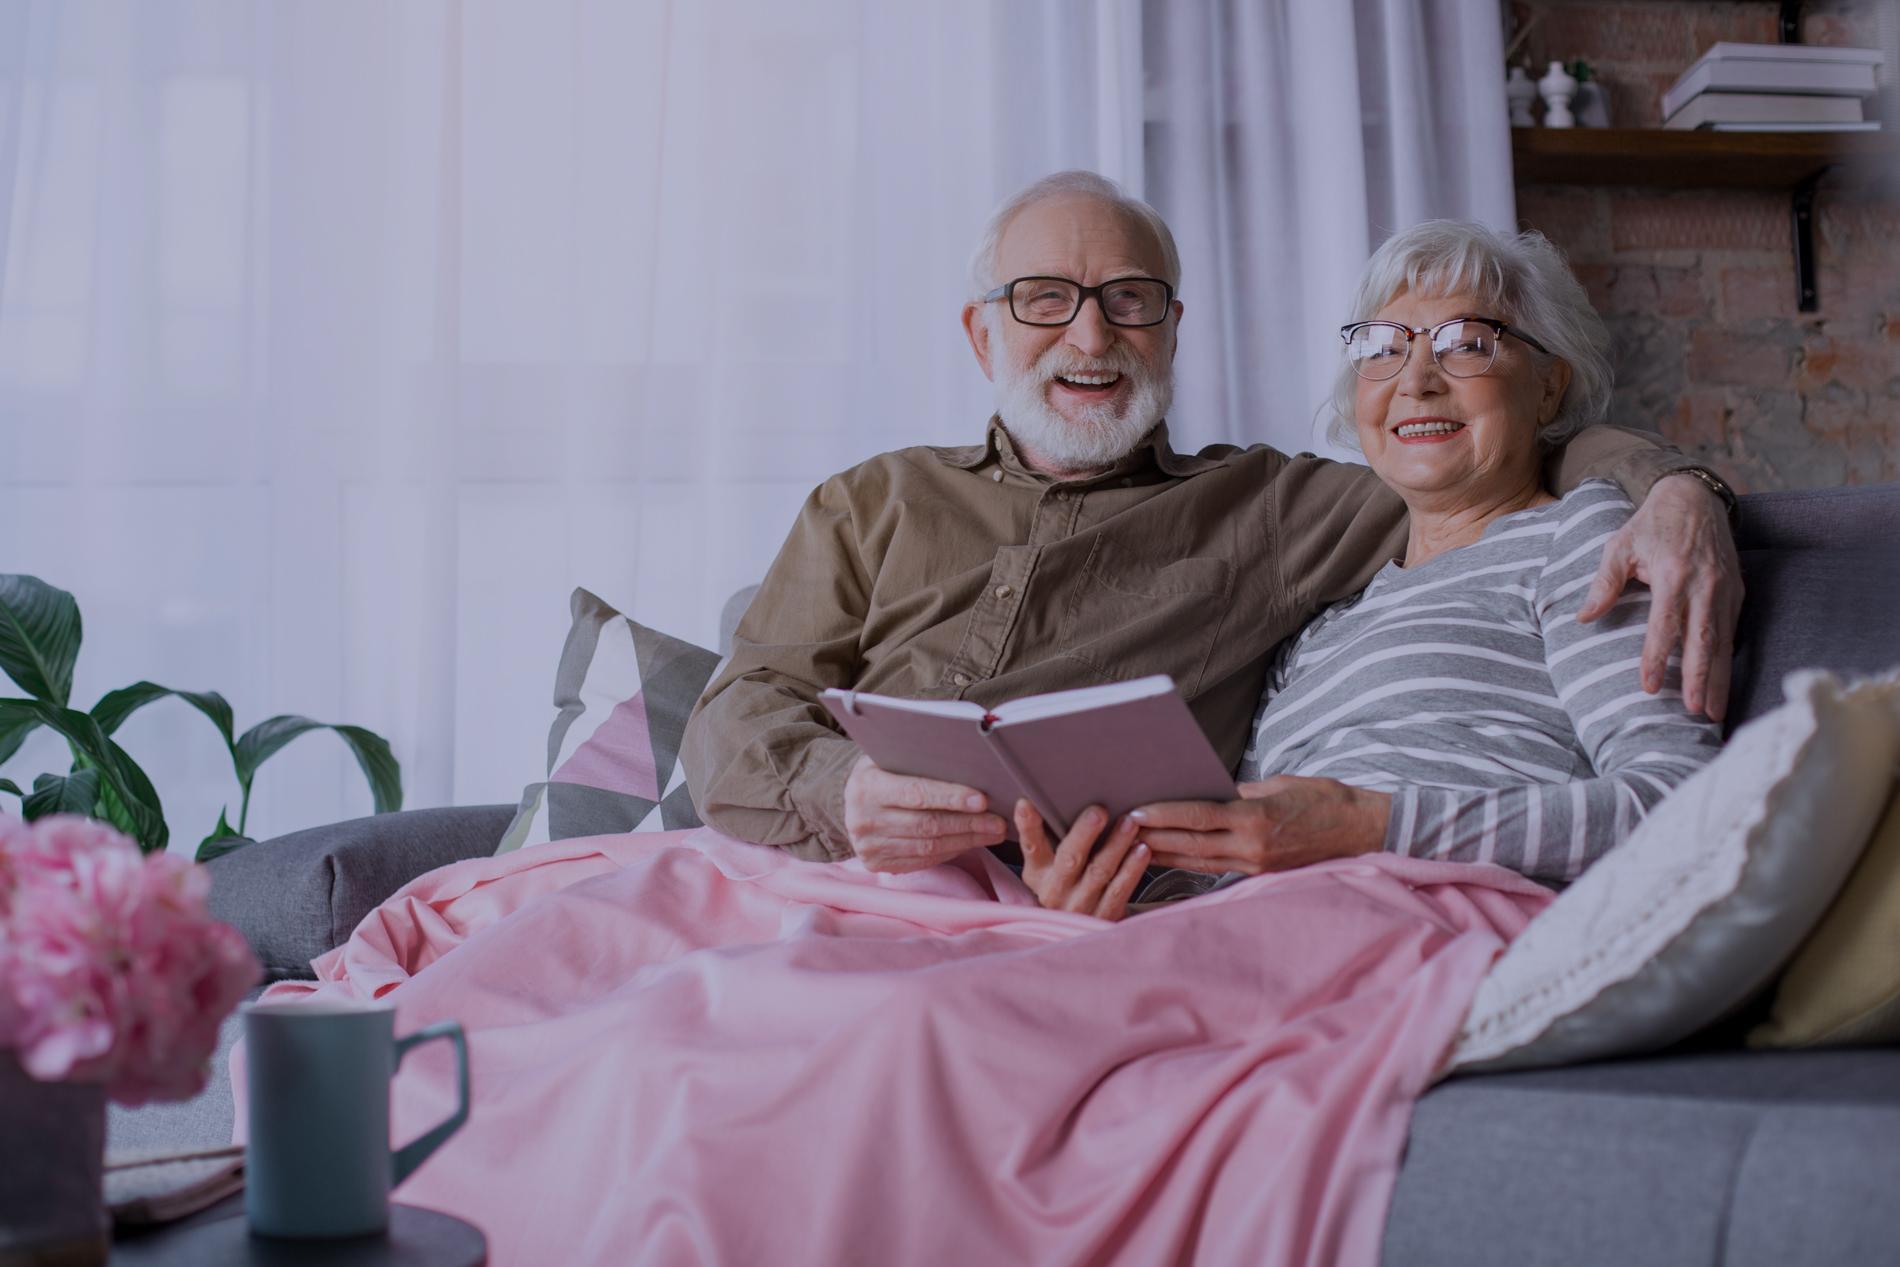 Холодильник, ЖКХ и телефон. Что пенсионеры могут получить бесплатно